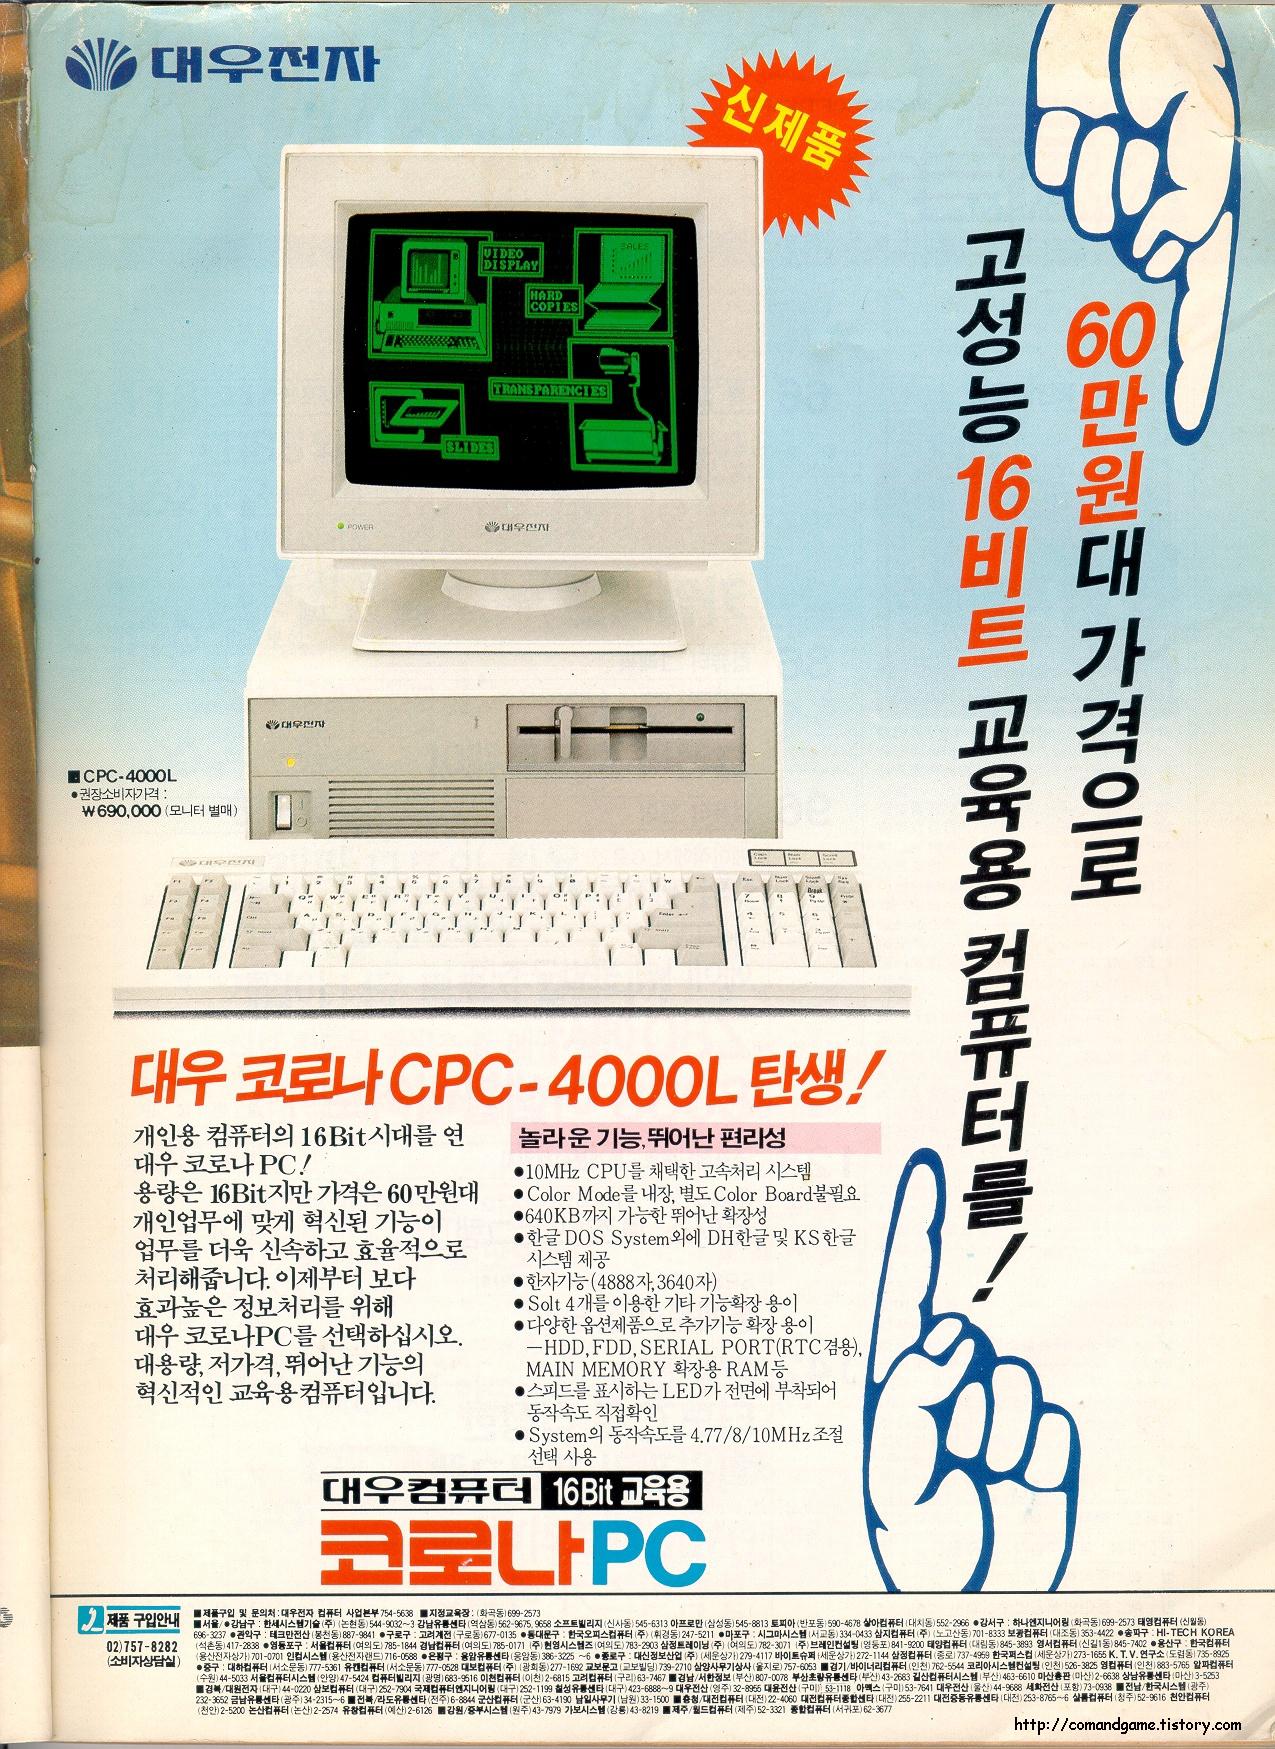 대우전자 - 16비트 코로나PC CPC-4000L 잡지 광고